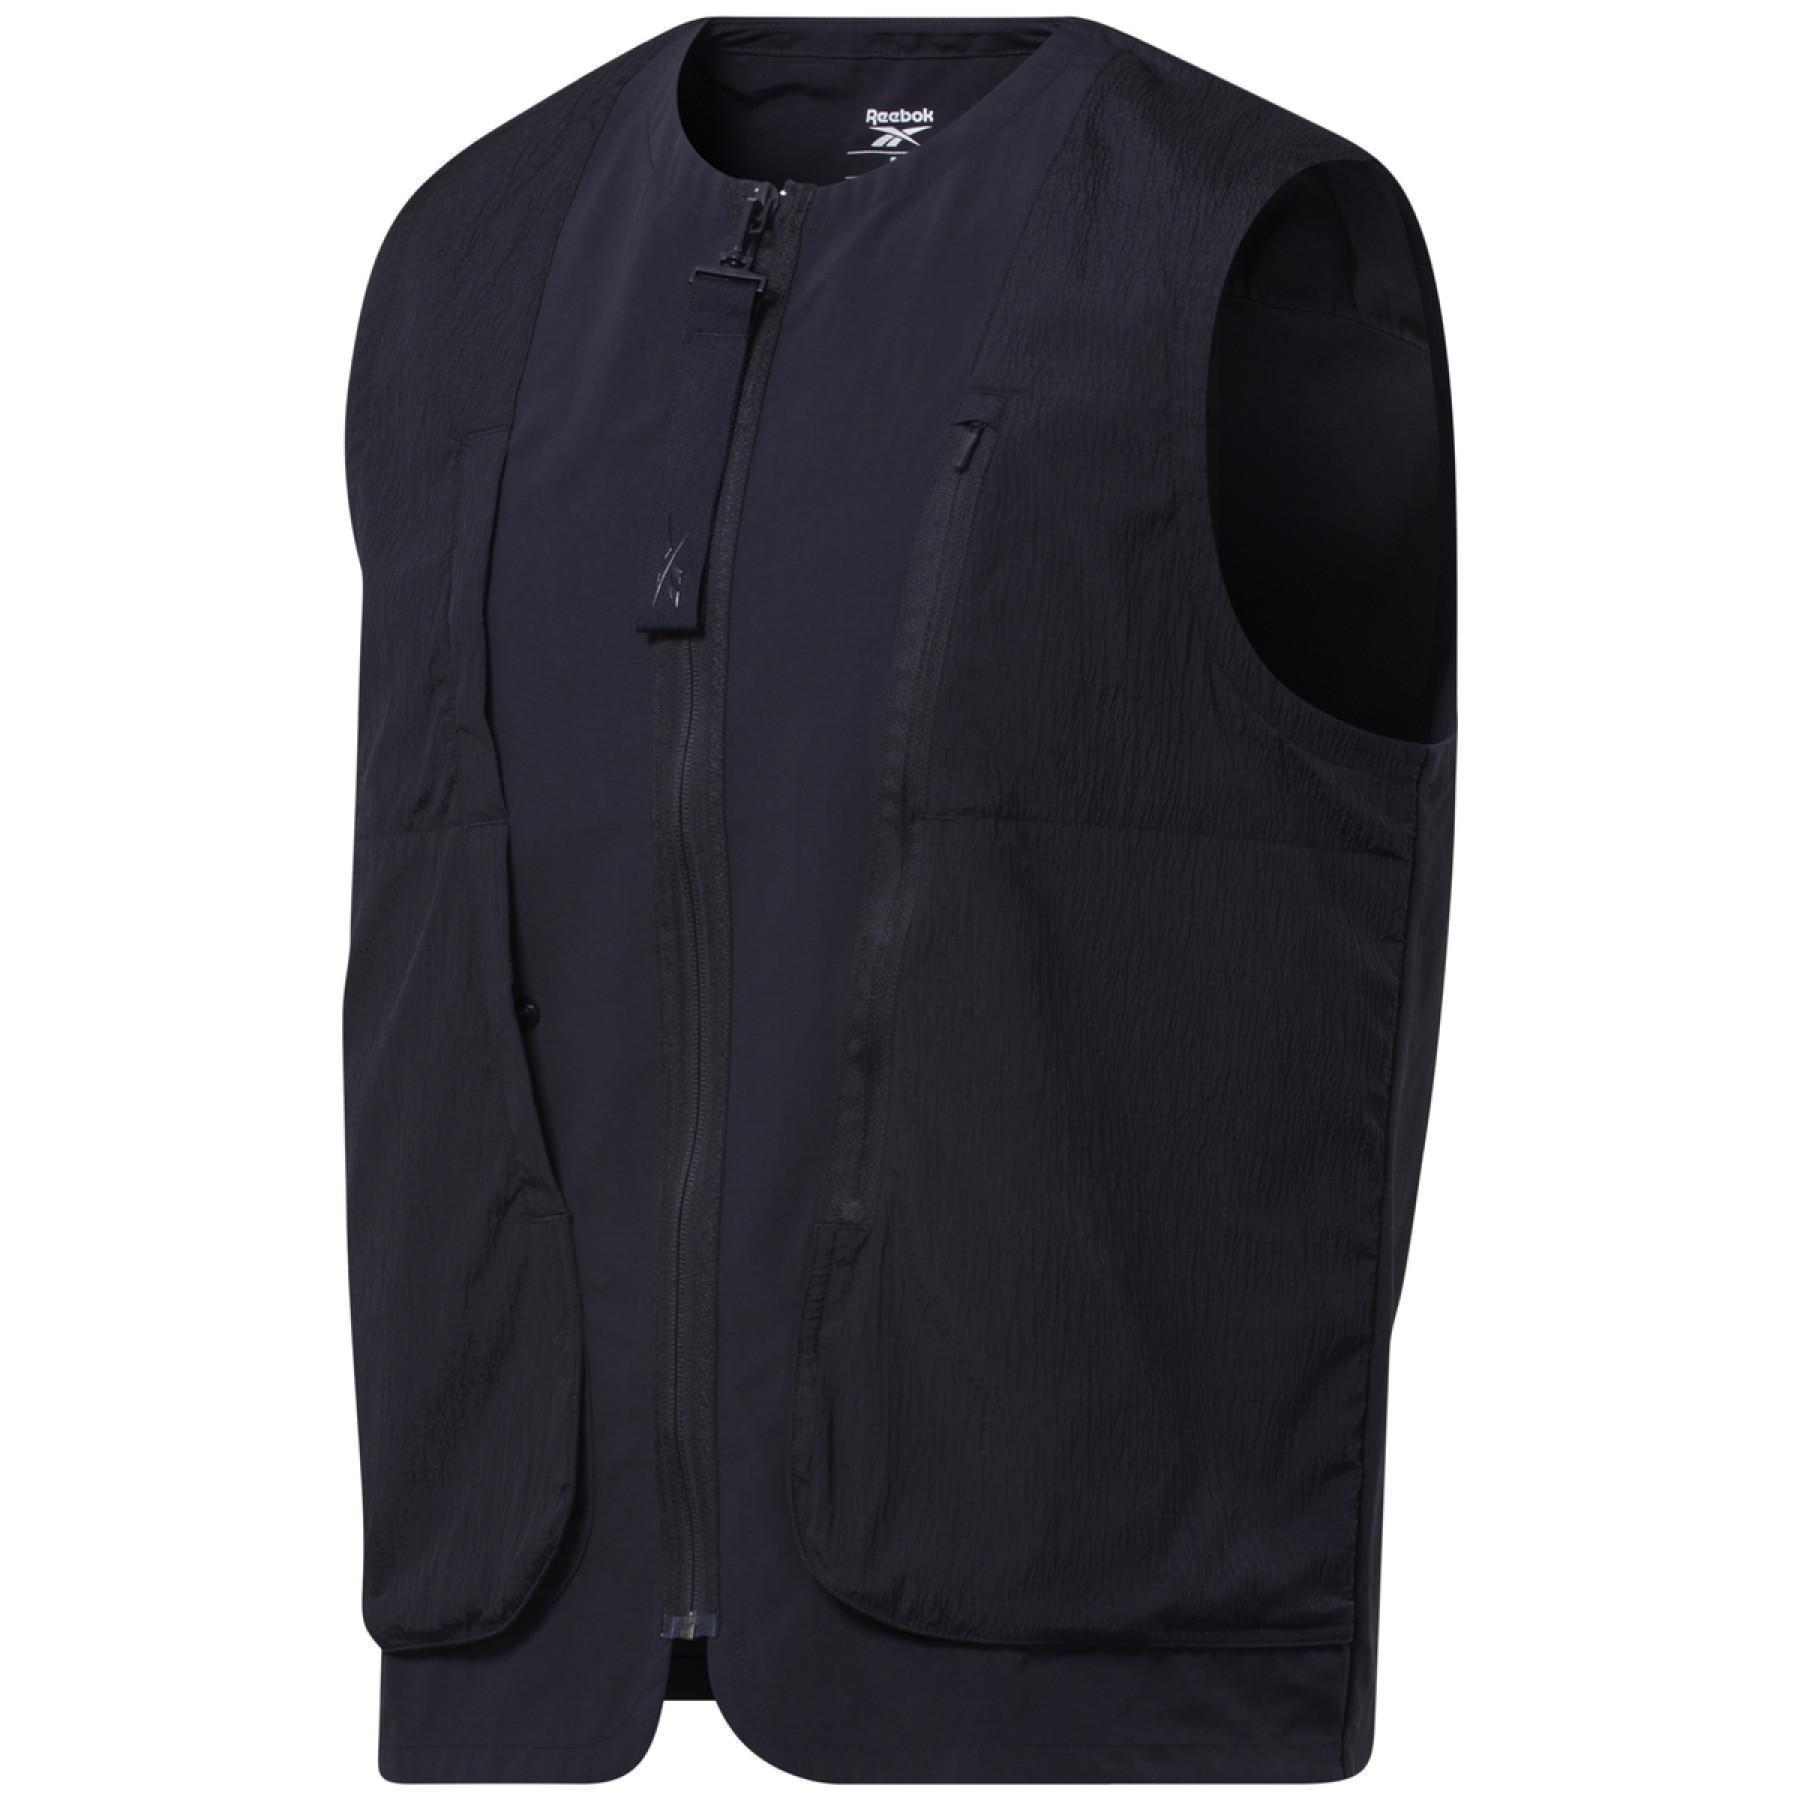 Reebok Utility Field Jacket